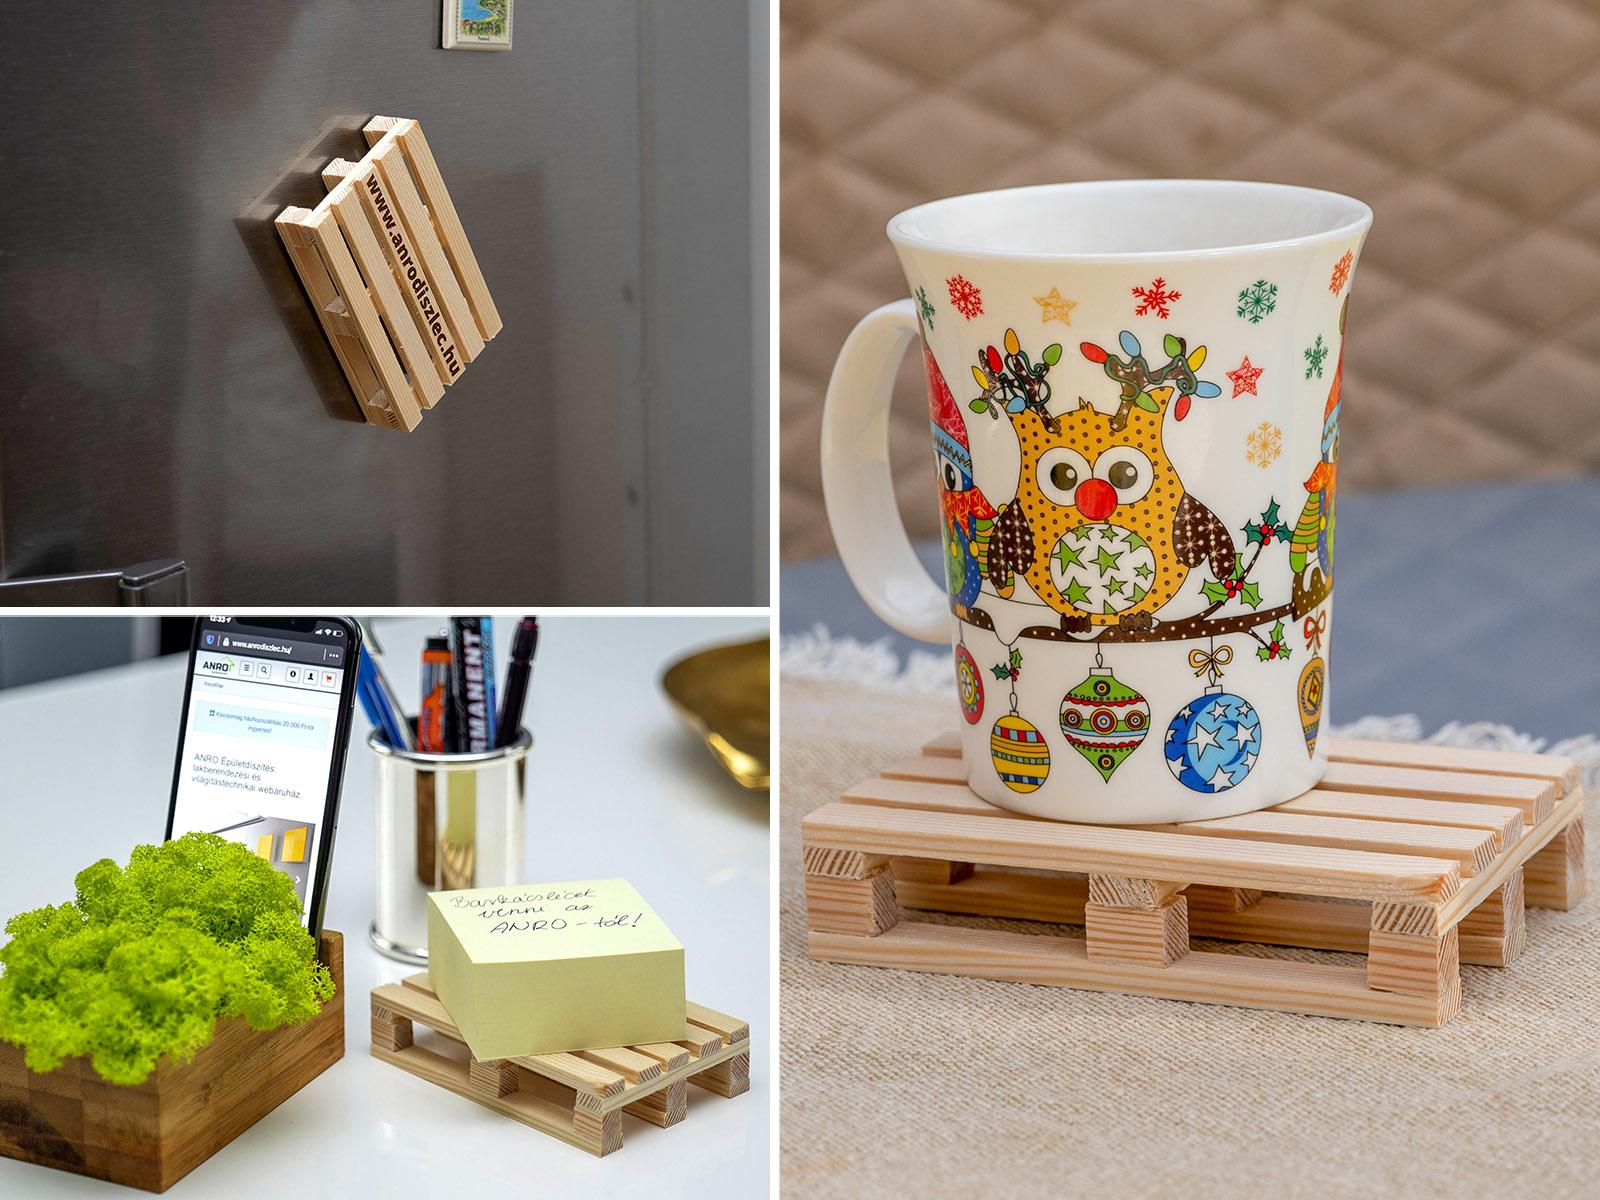 Két ötlet a mini raklap felhasználására: irodában reklámhordozó, otthon pedig poháralátét.